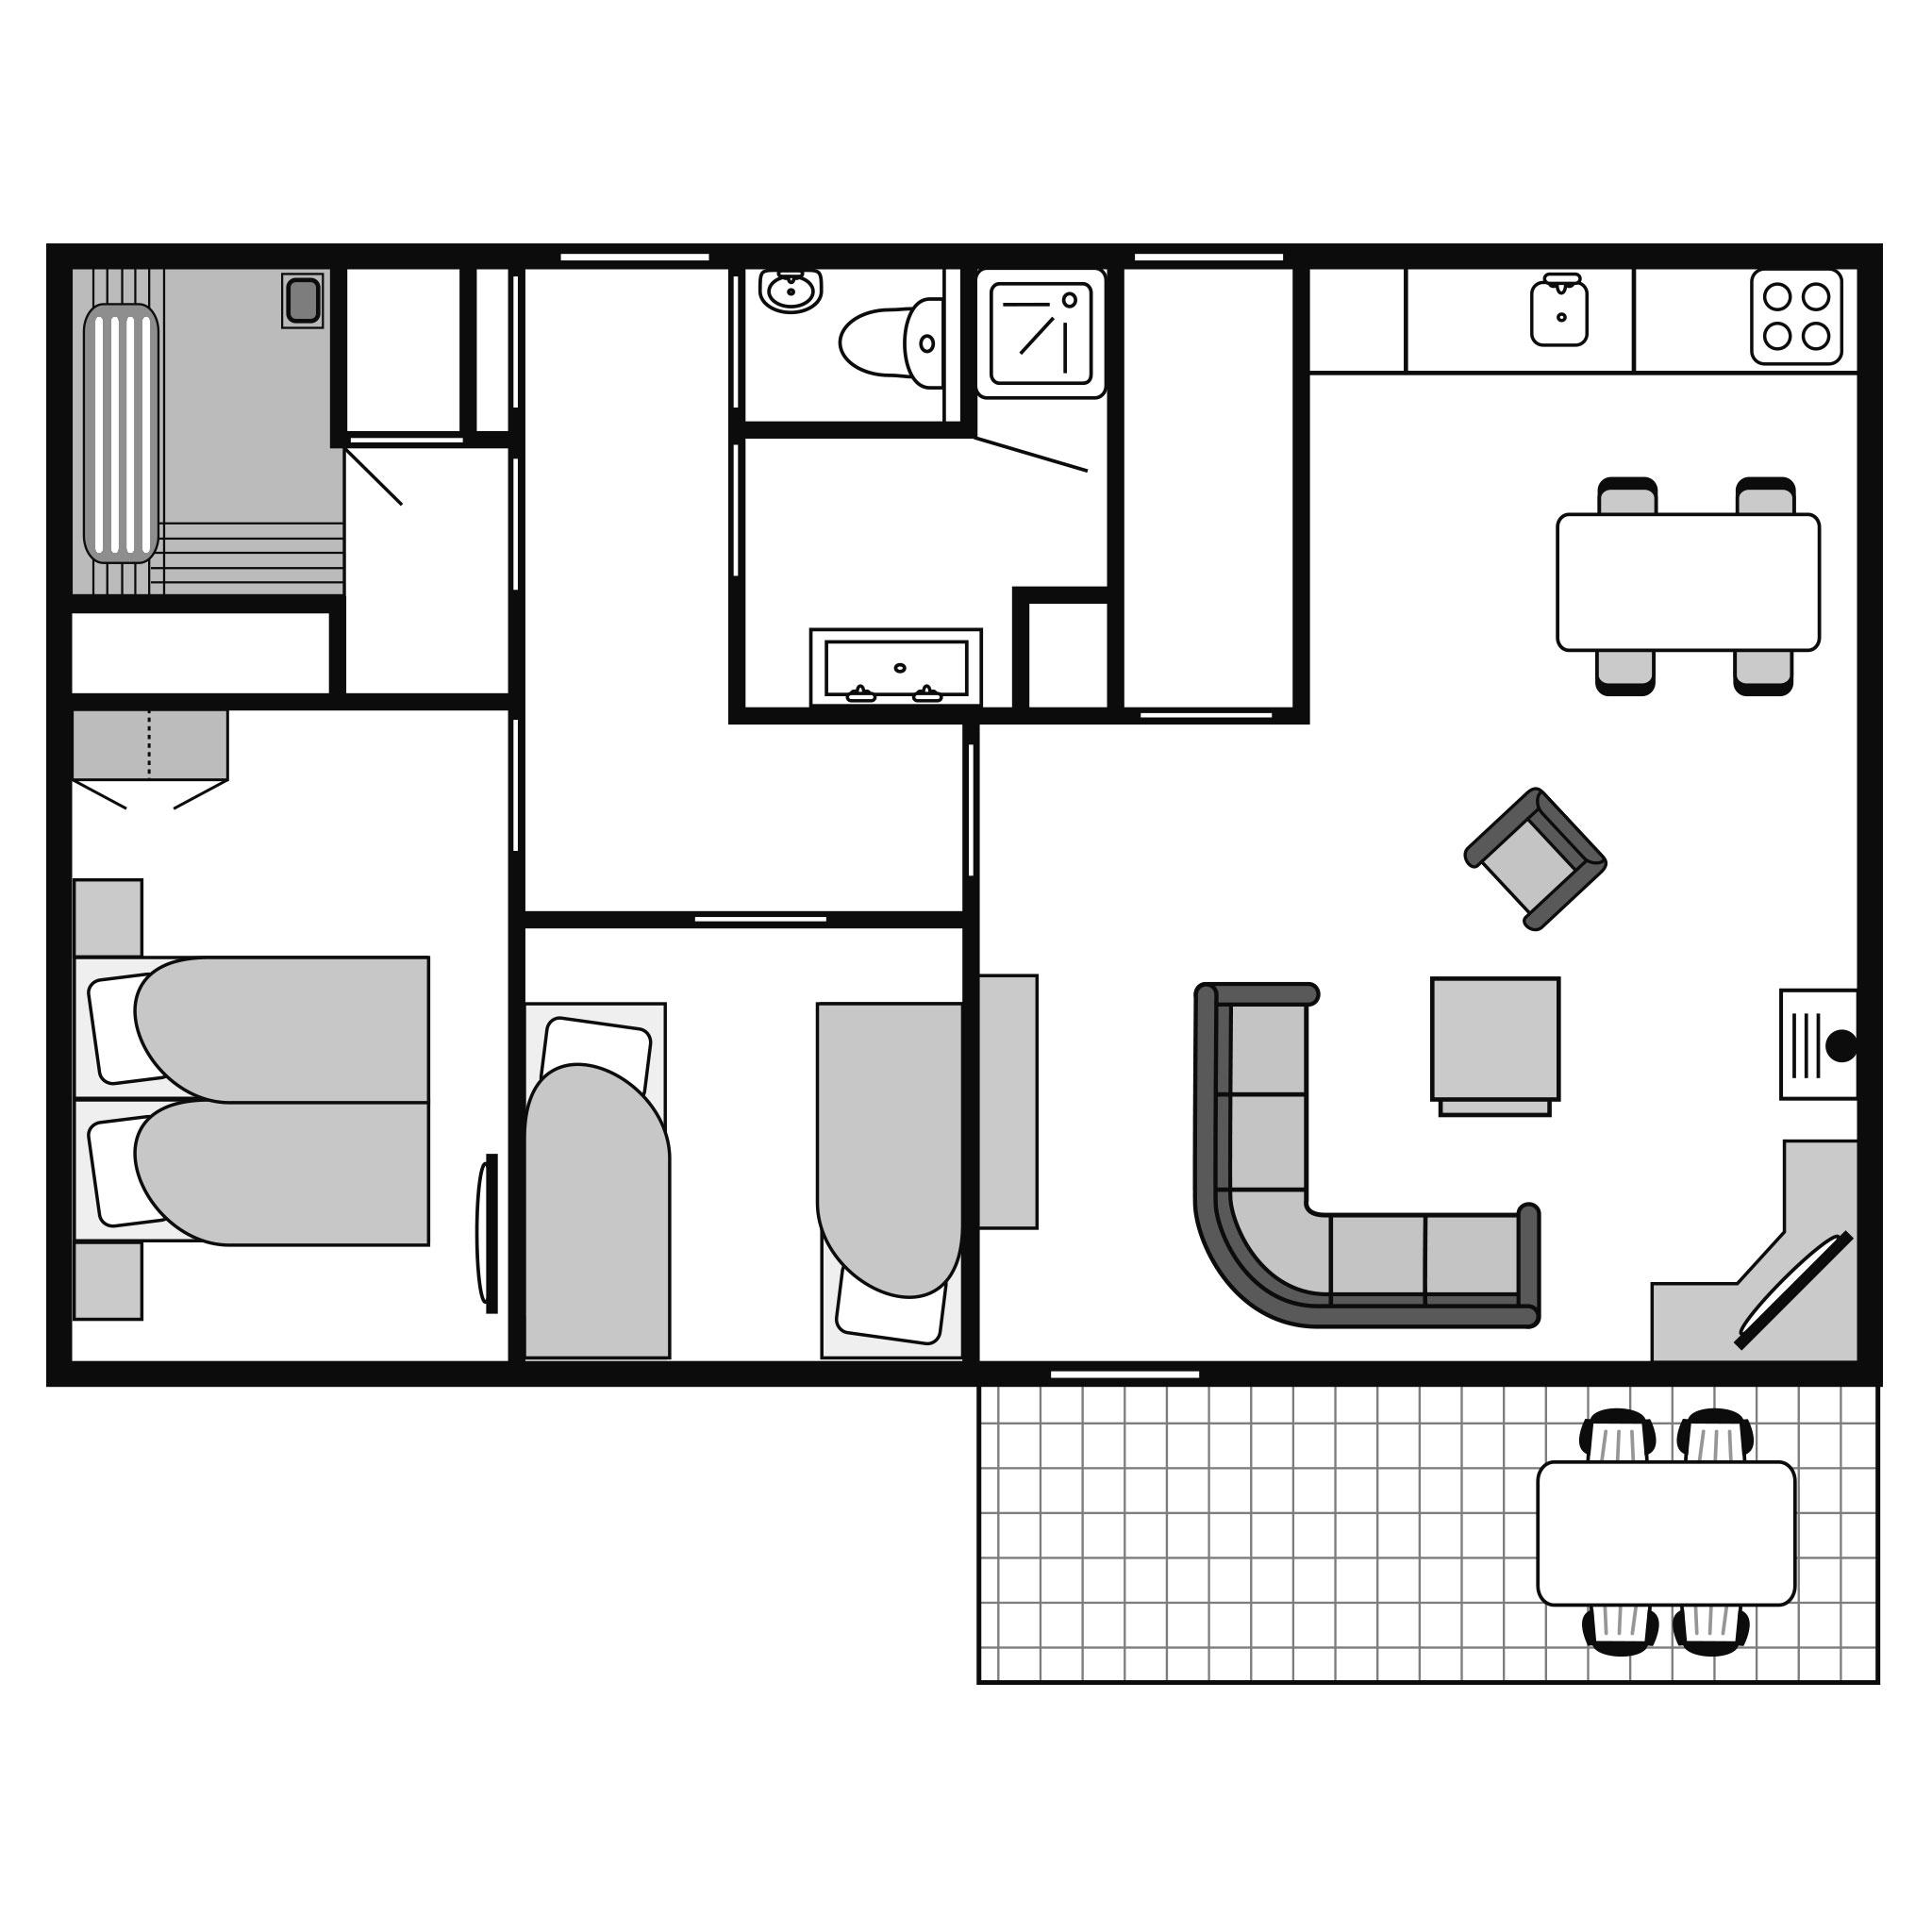 Ferienhaus Luxus 4-Personen-Ferienhaus im Ferienpark Landal Heideheuvel - In waldreicher Umgebung (2511643), Beekbergen, Veluwe, Gelderland, Niederlande, Bild 25